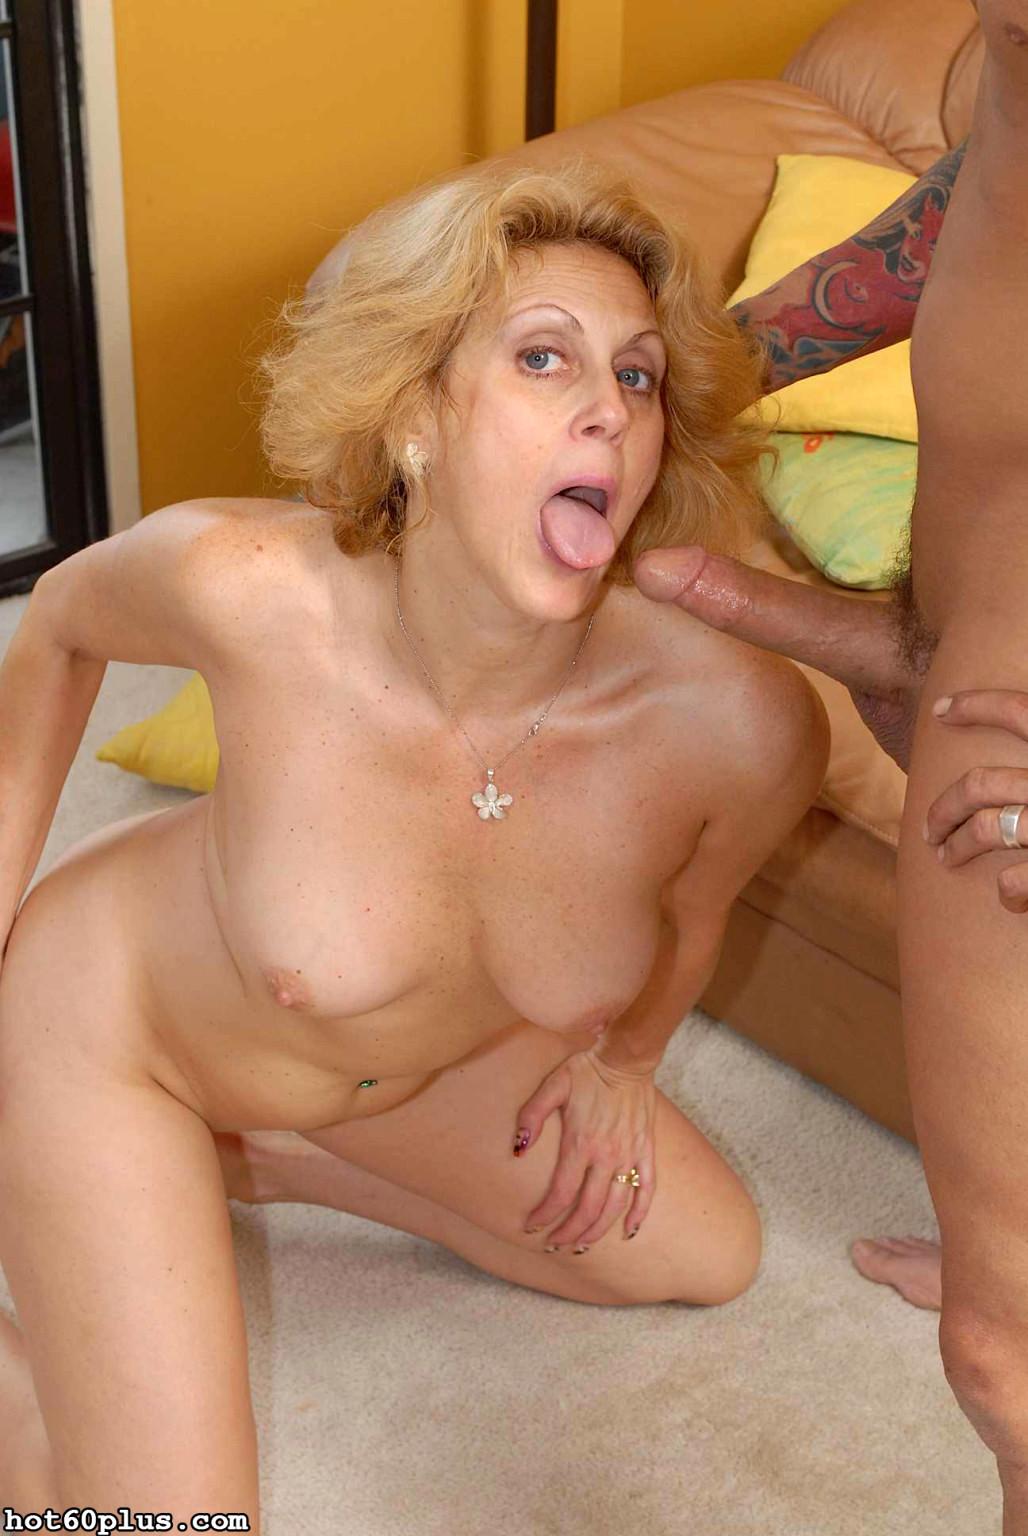 Dana devine naked